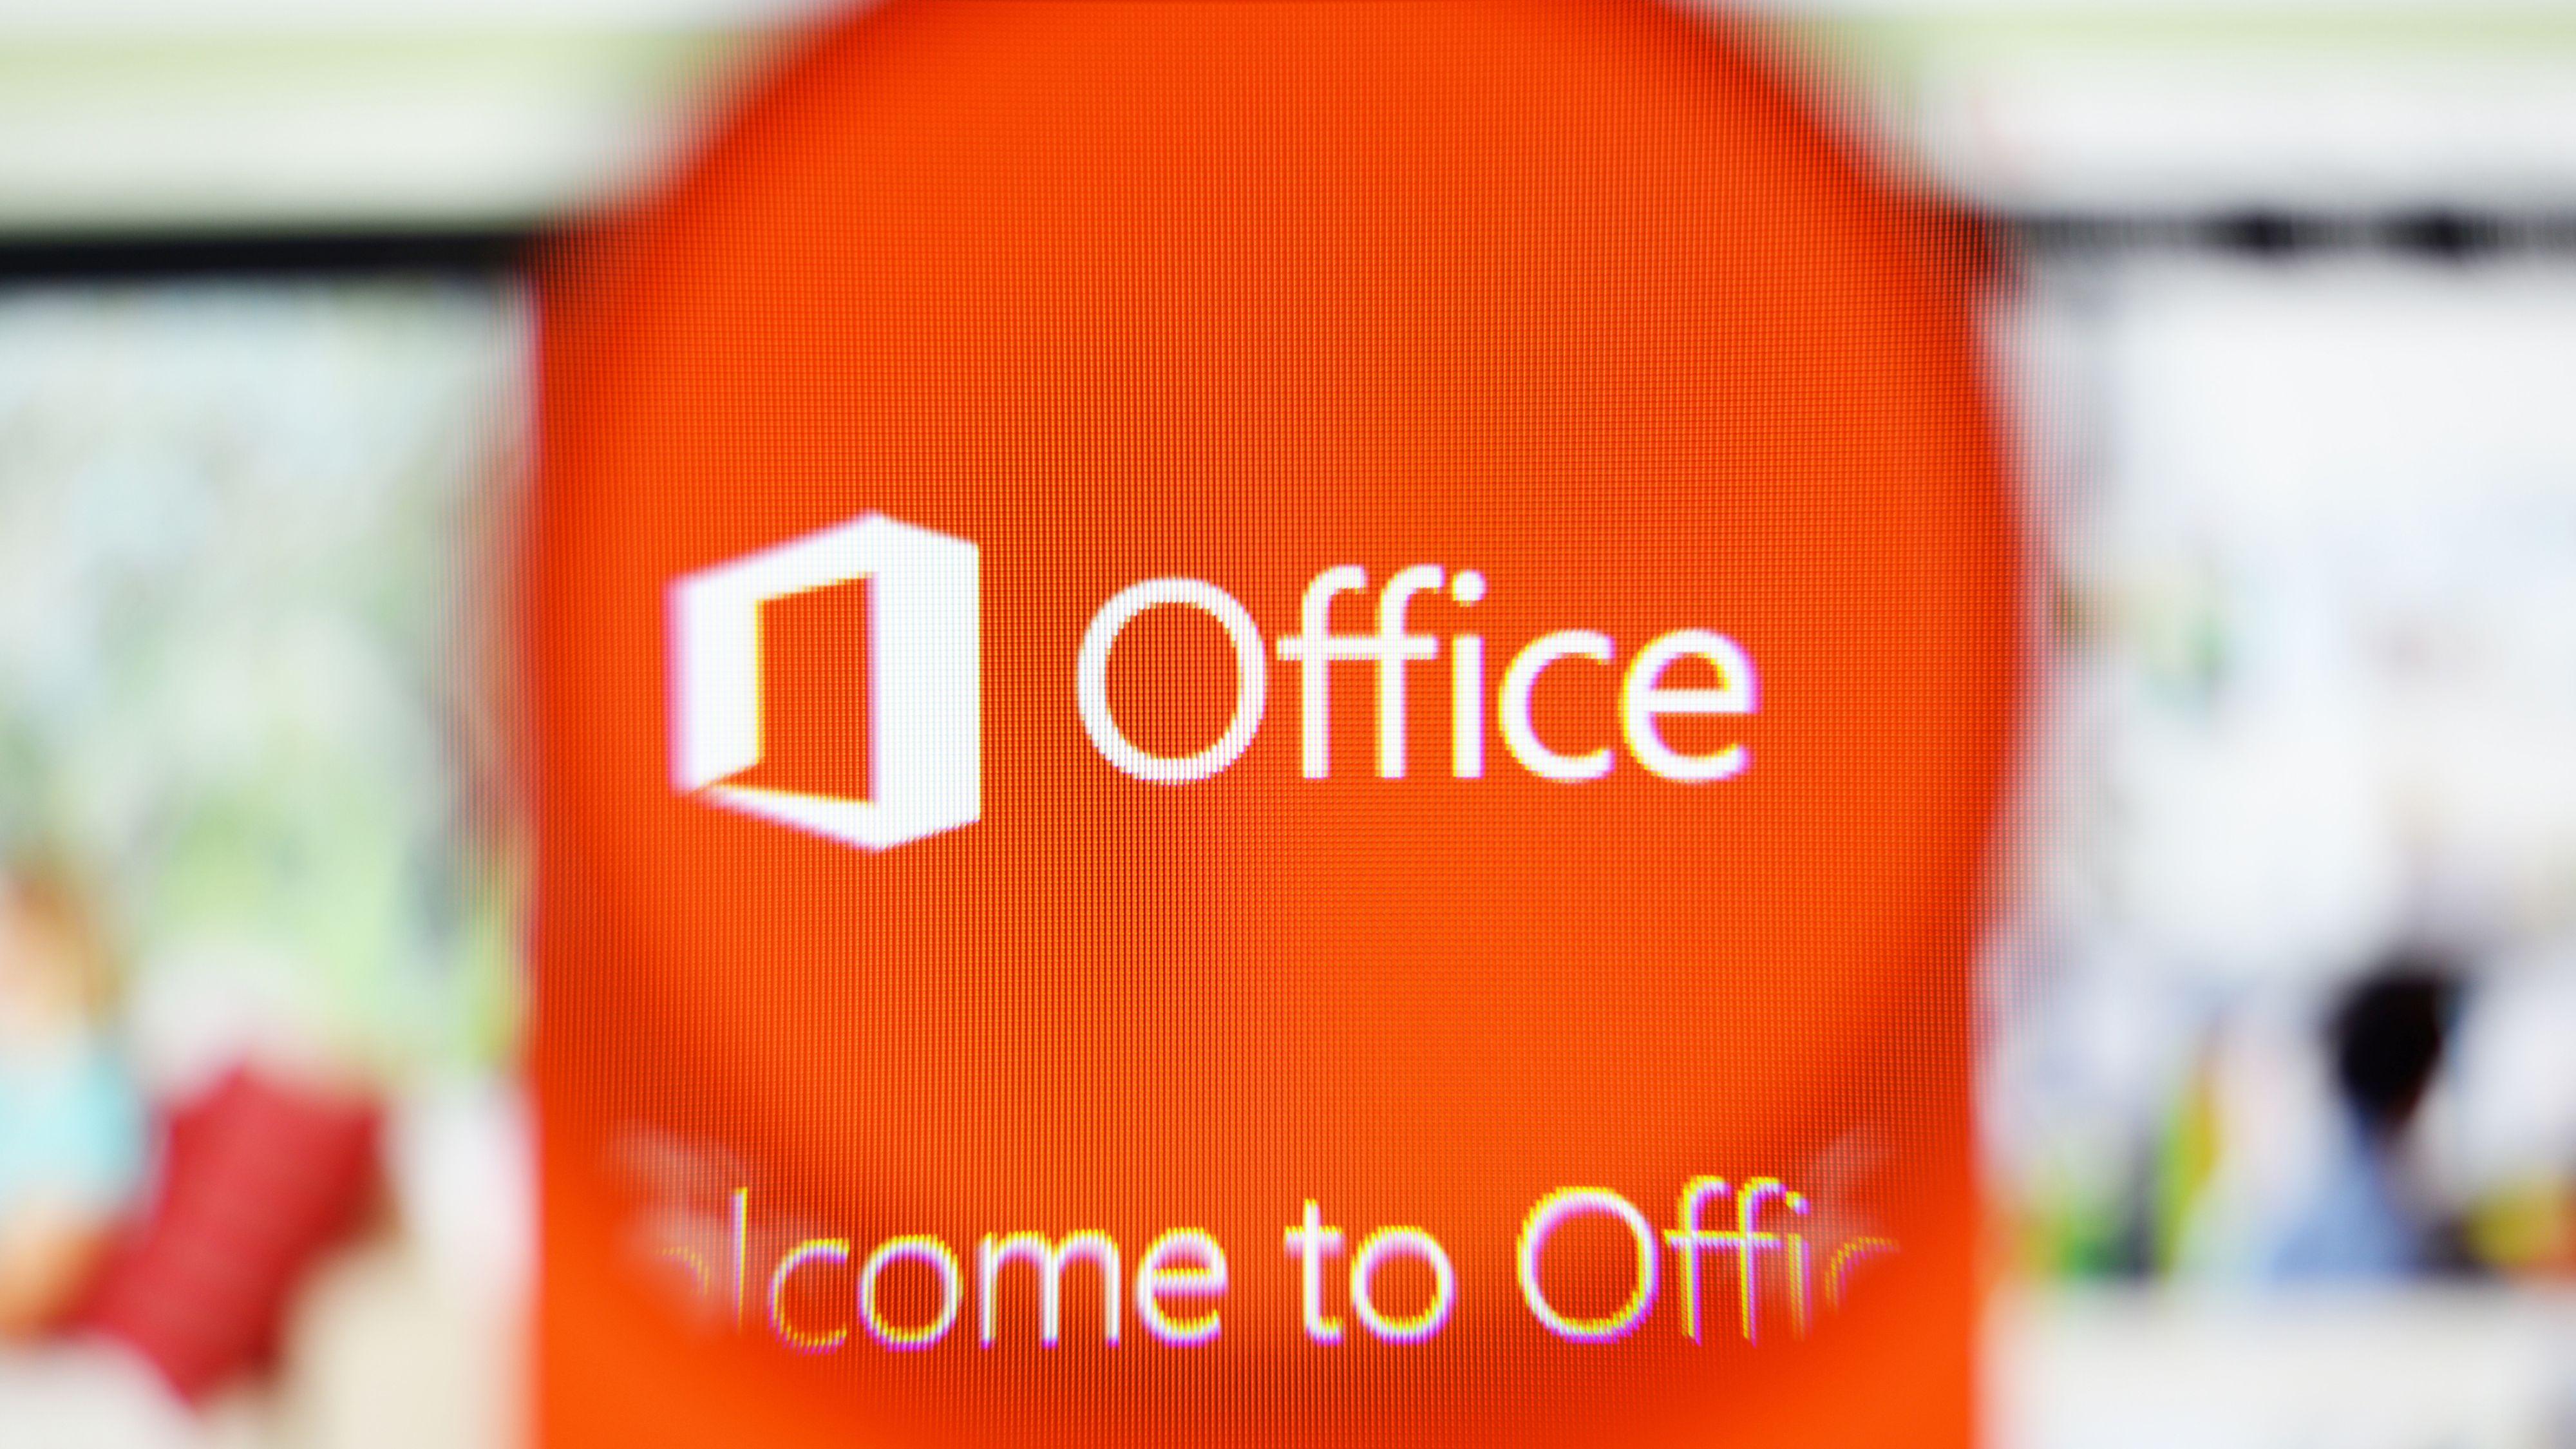 Nå kan du teste Office 2016